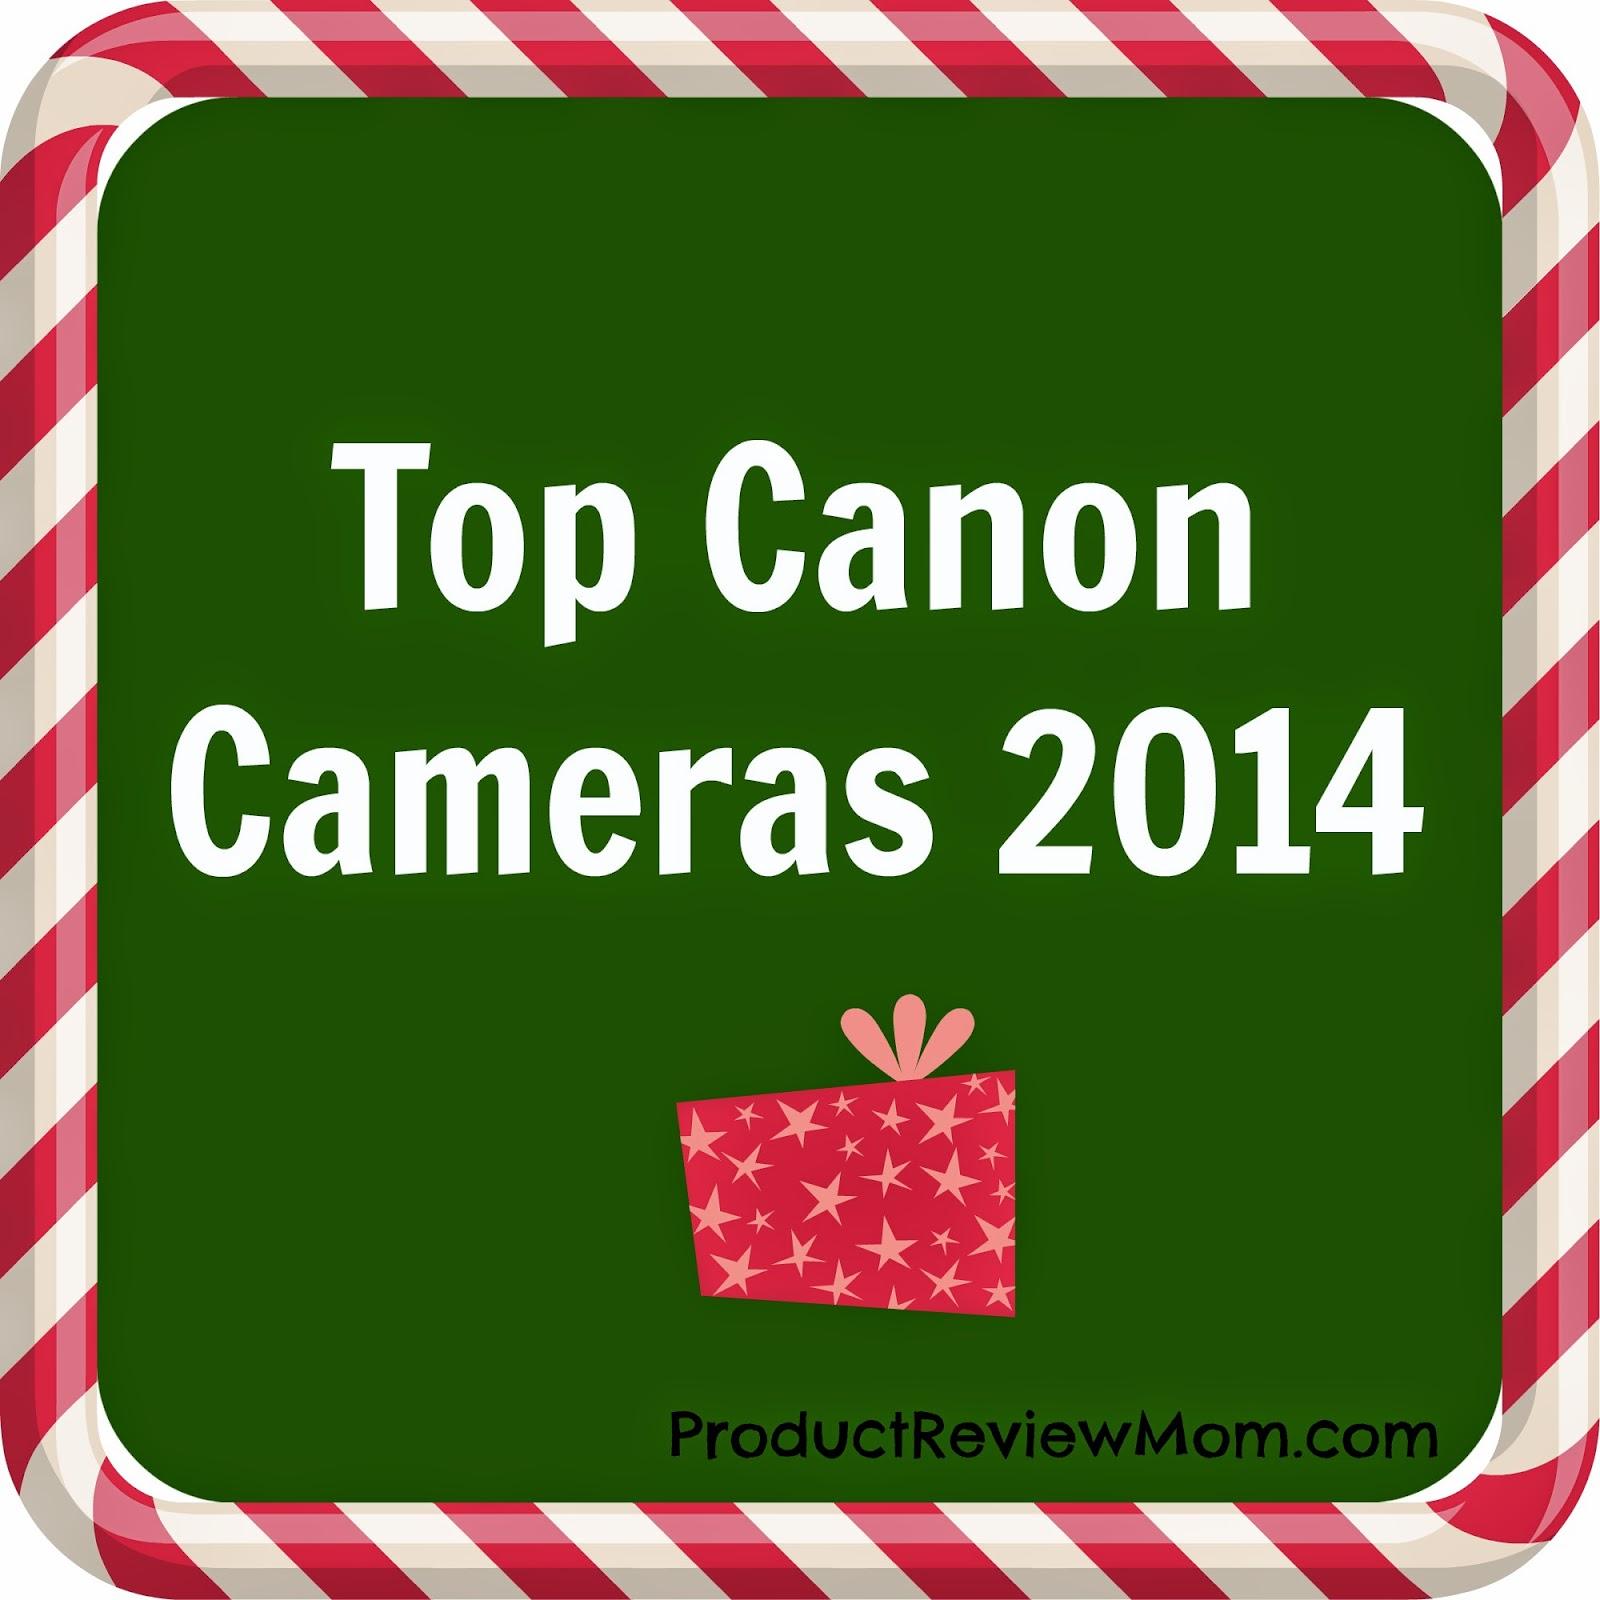 Top Canon Cameras 2014 #HolidayGiftGuide via www.productreviewmom.com